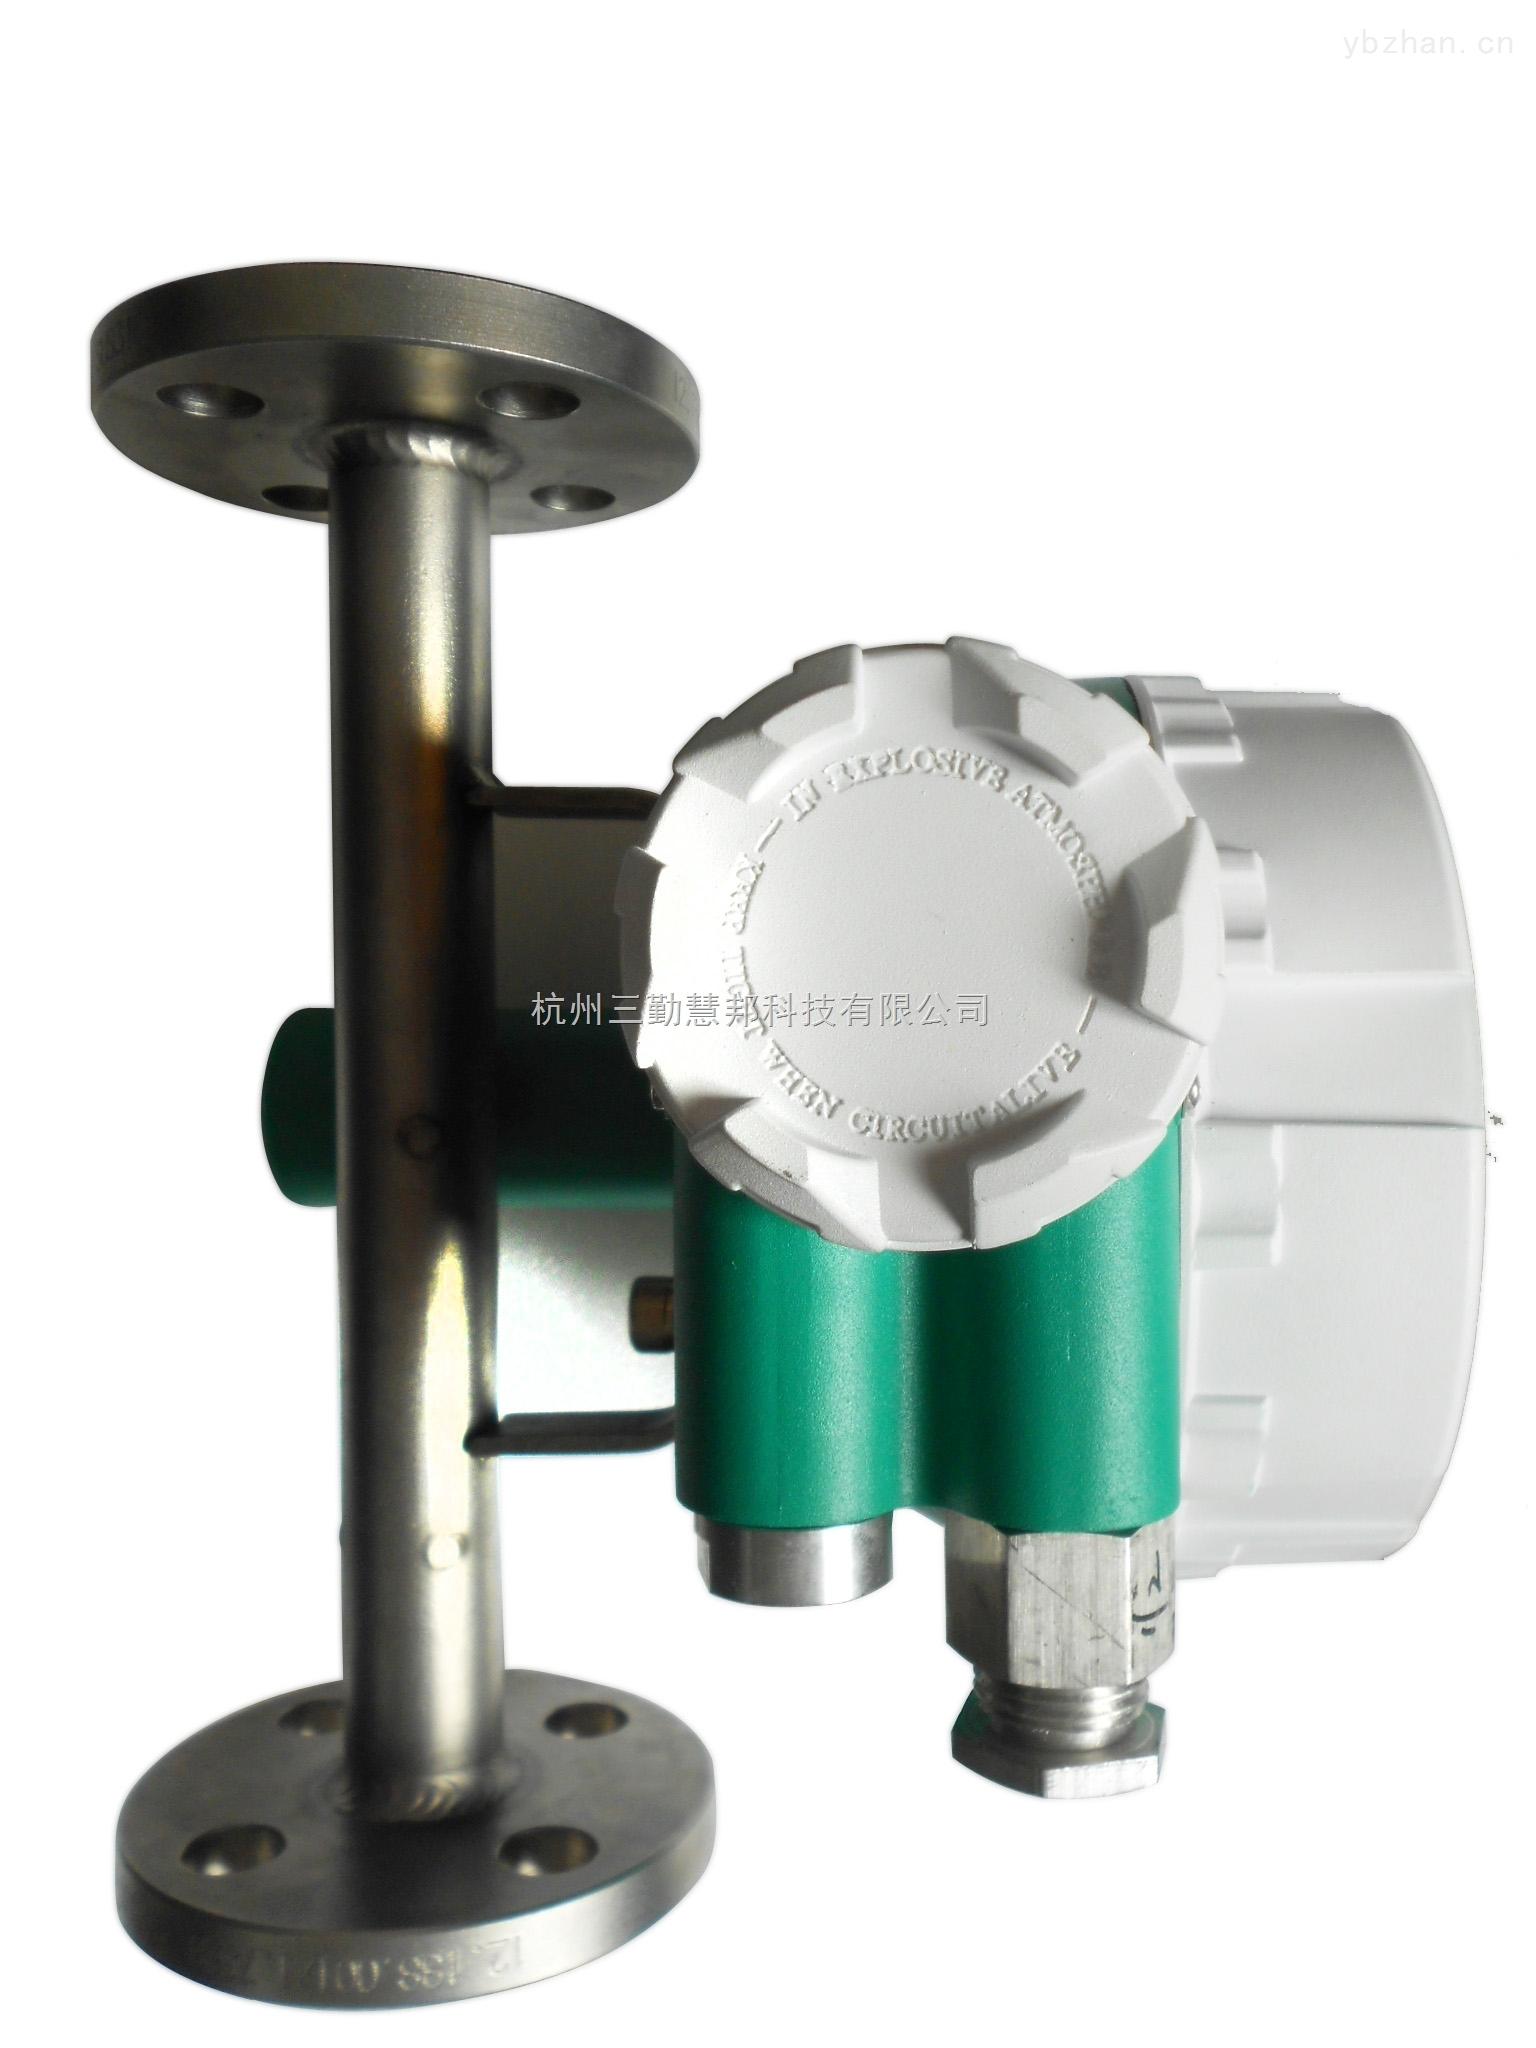 NMX系列-NMX系列金属管转子流量计